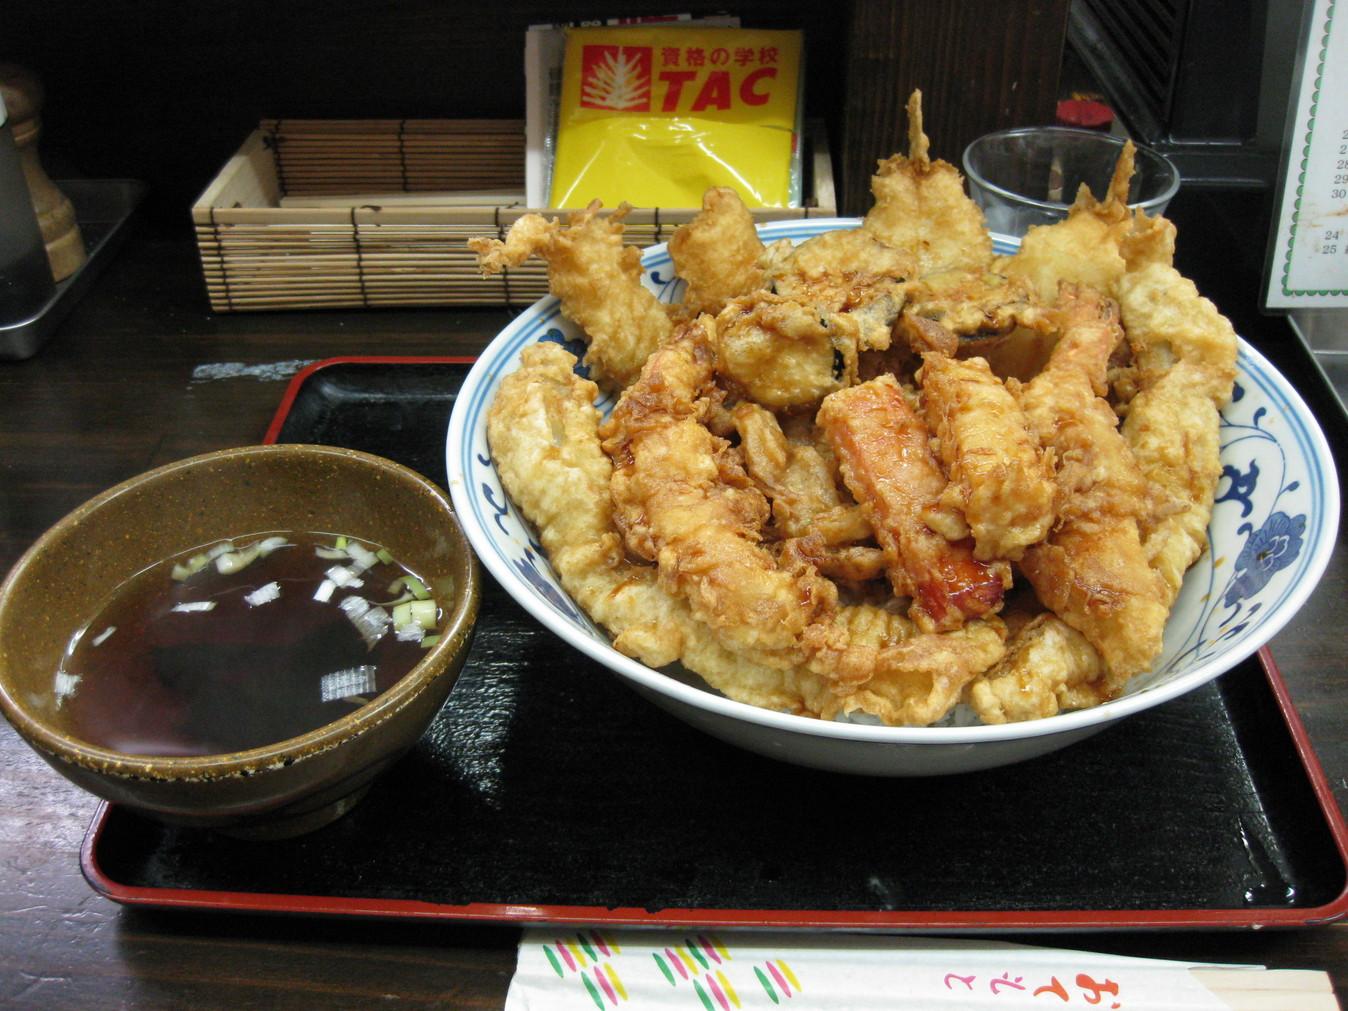 「そば処 此処路」 : 東京でデカ盛り/大盛りランチが食べられる ...